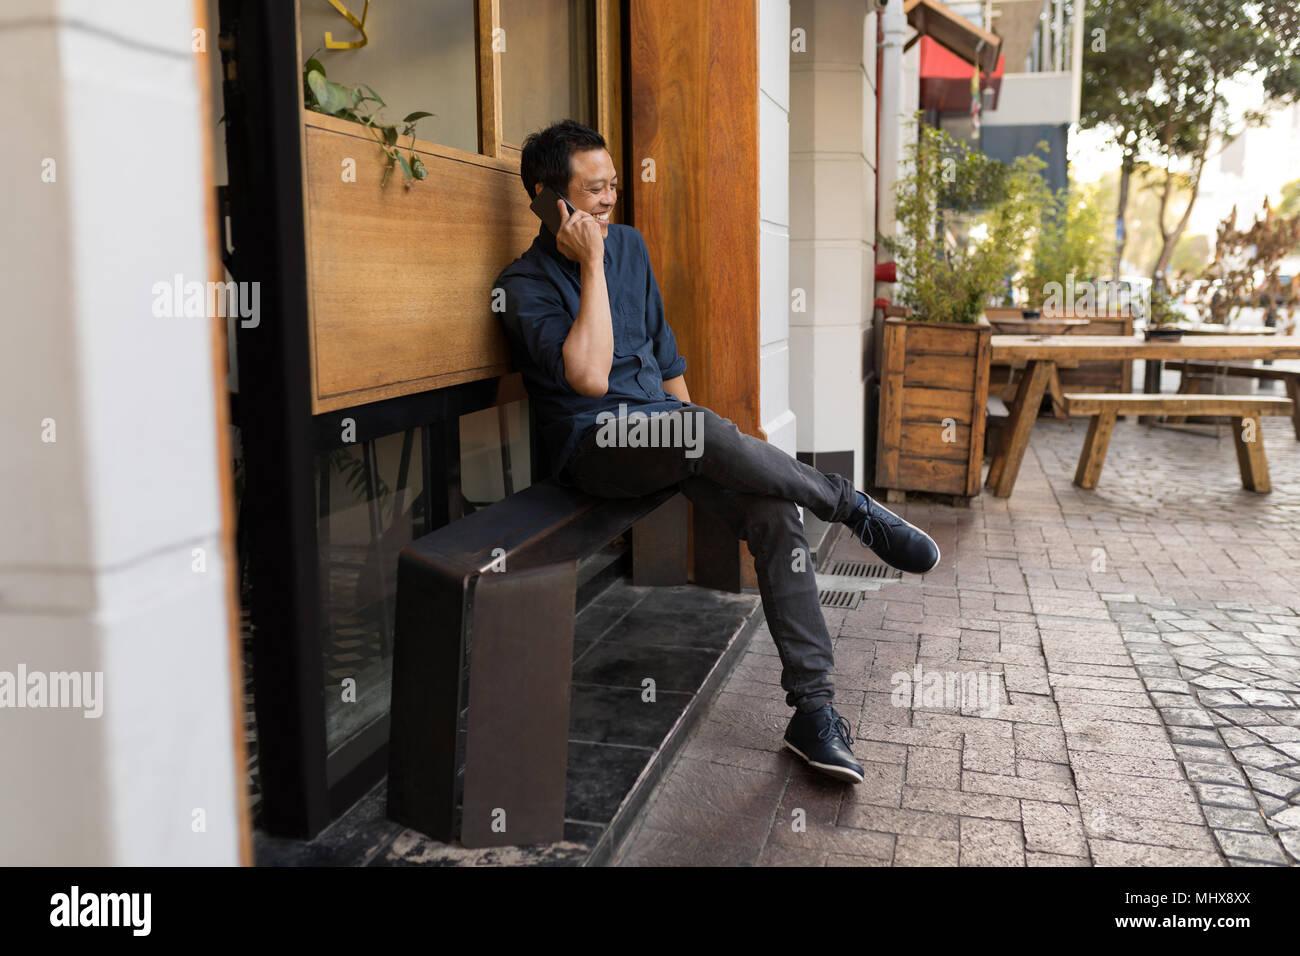 Geschäftsmann am Telefon sprechen im Straßencafé Stockbild